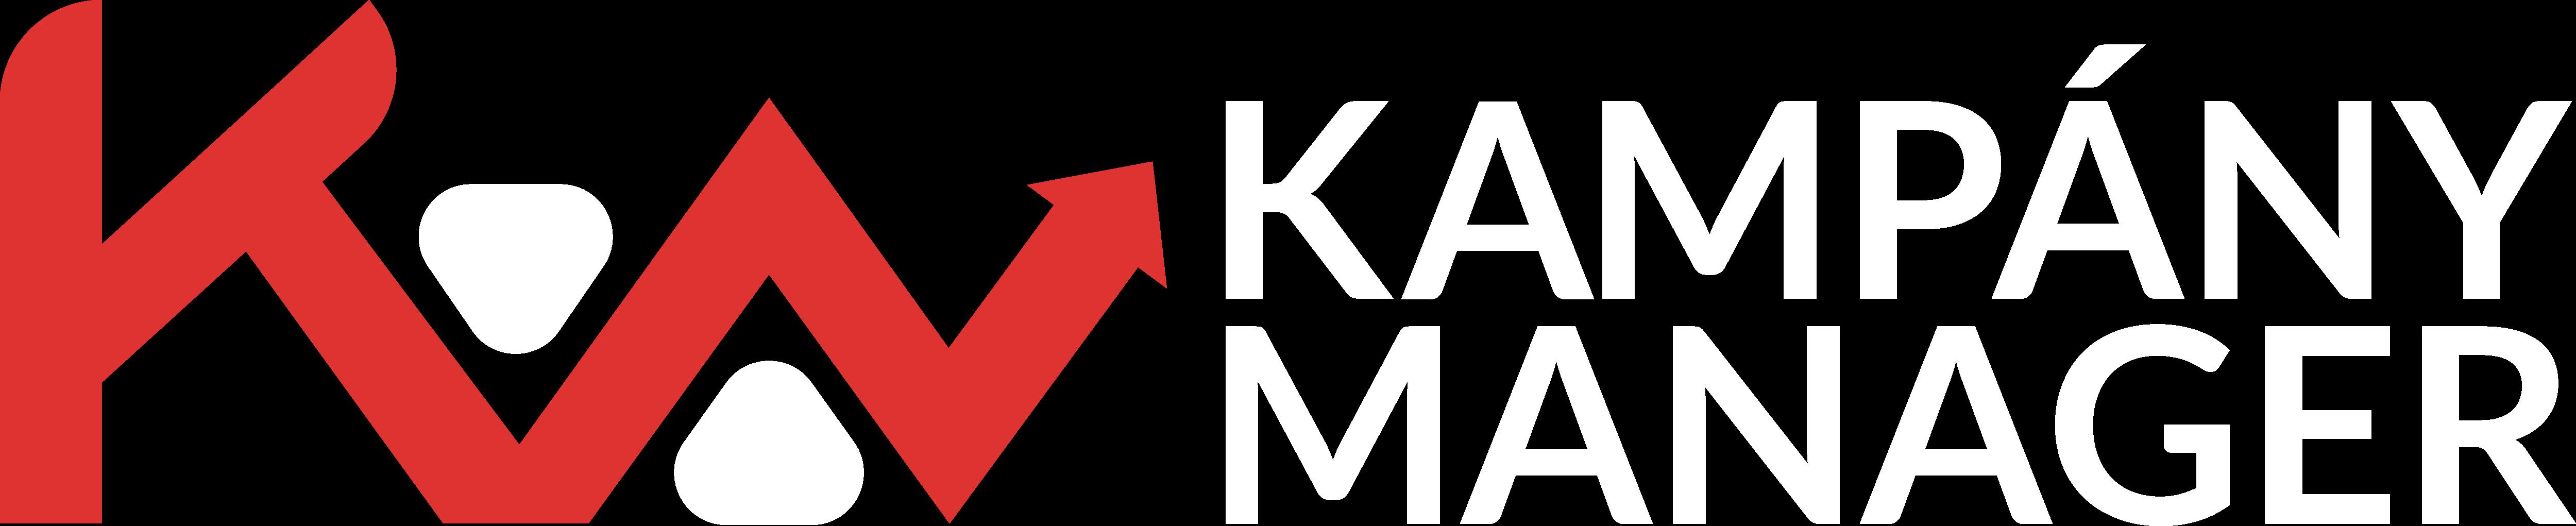 KM_LOGO_W